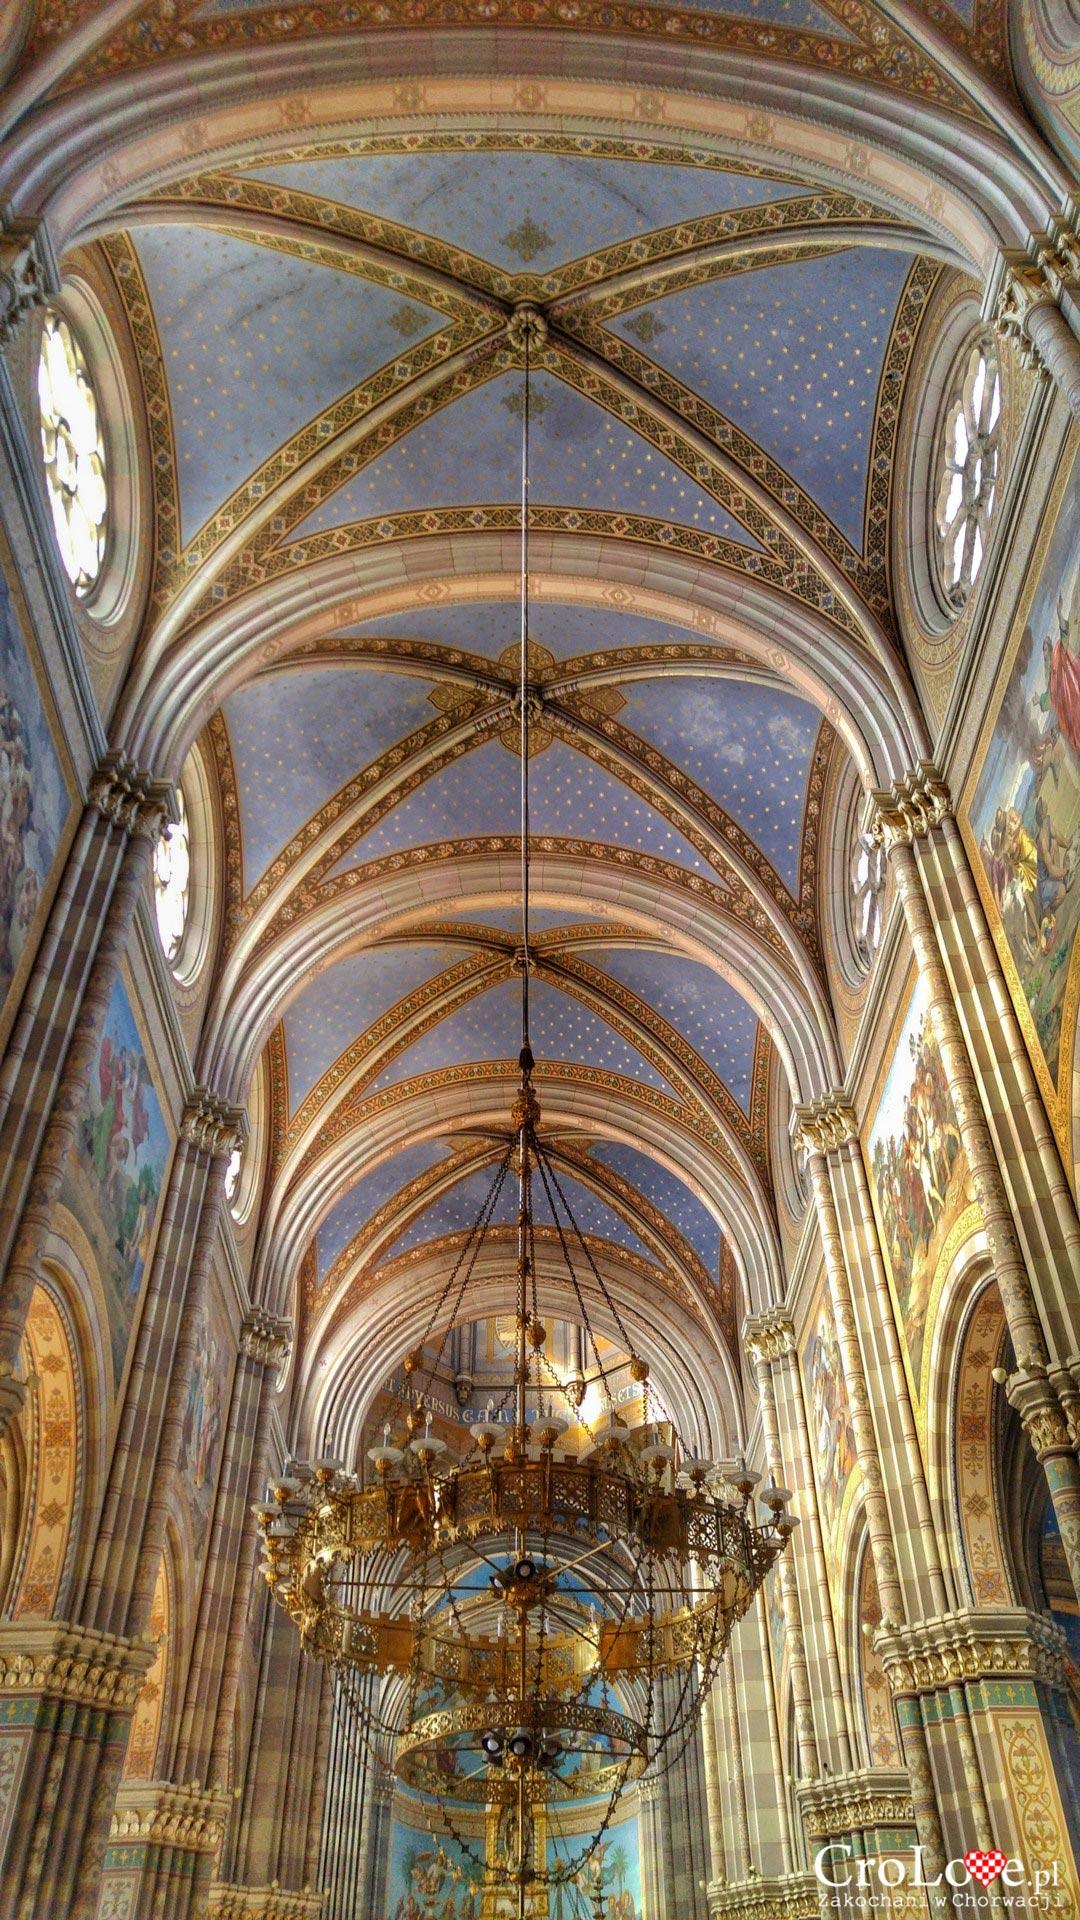 Katedra św. Piotra w Đakovo